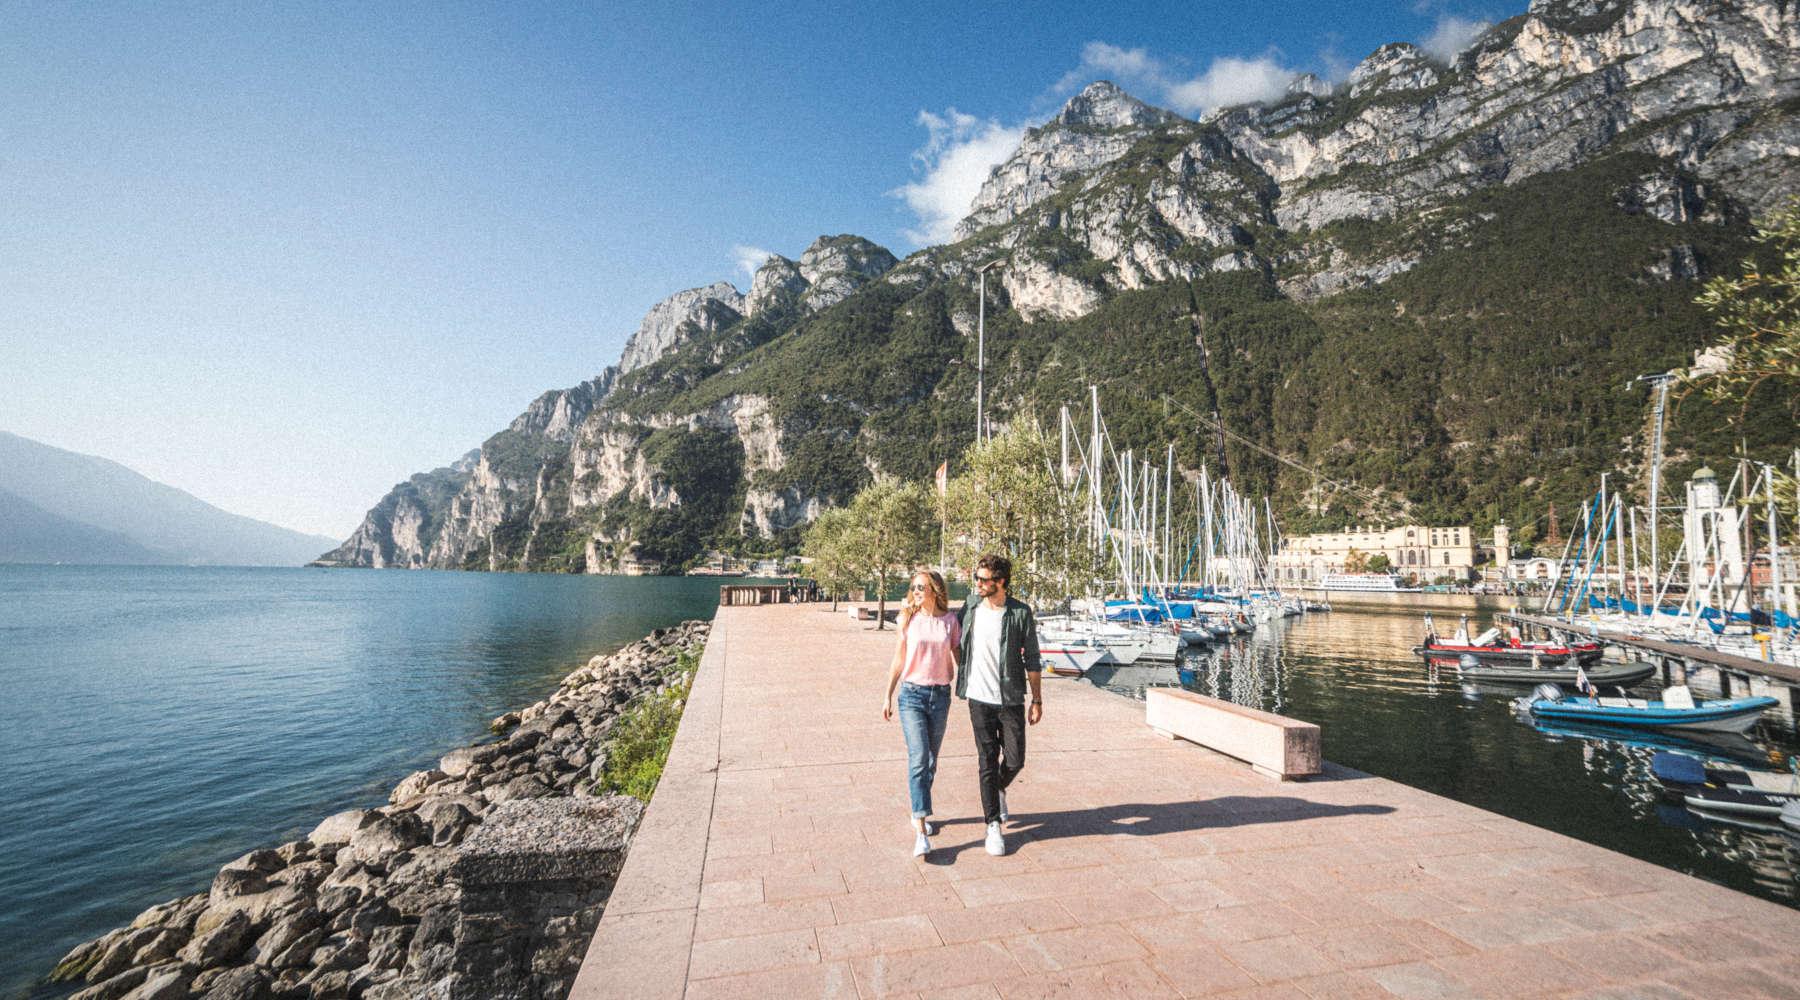 Arco Bed & Camping - Campeggio e Appartamenti per vacanze ...